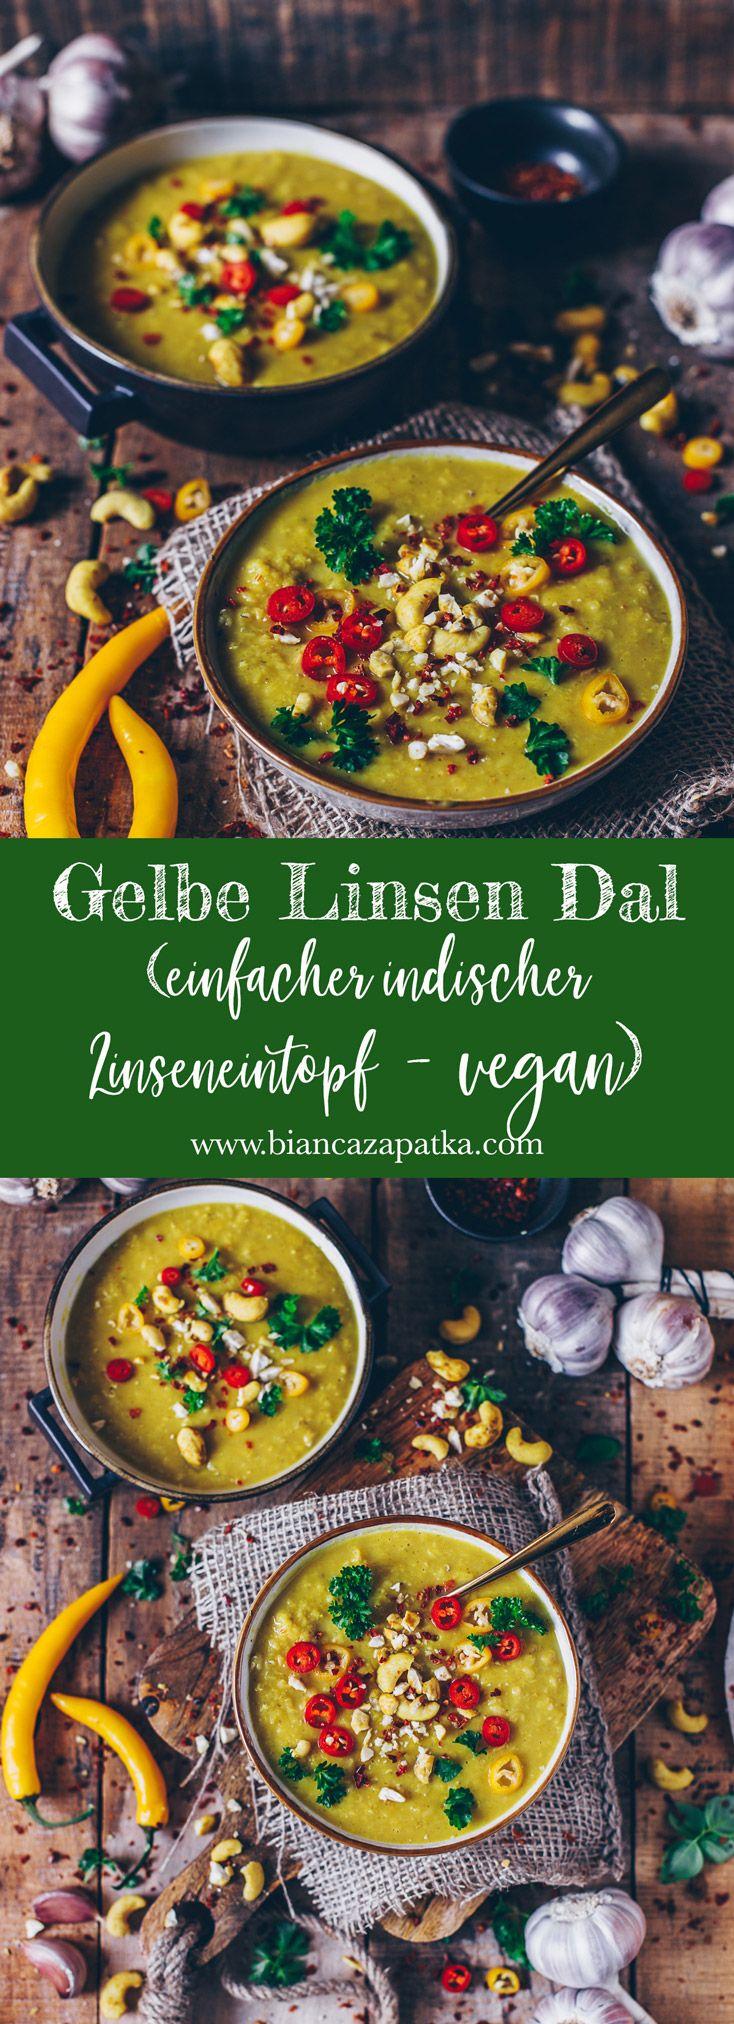 Gelbe Linsen Dal (einfacher indischer Linseneintopf – vegan